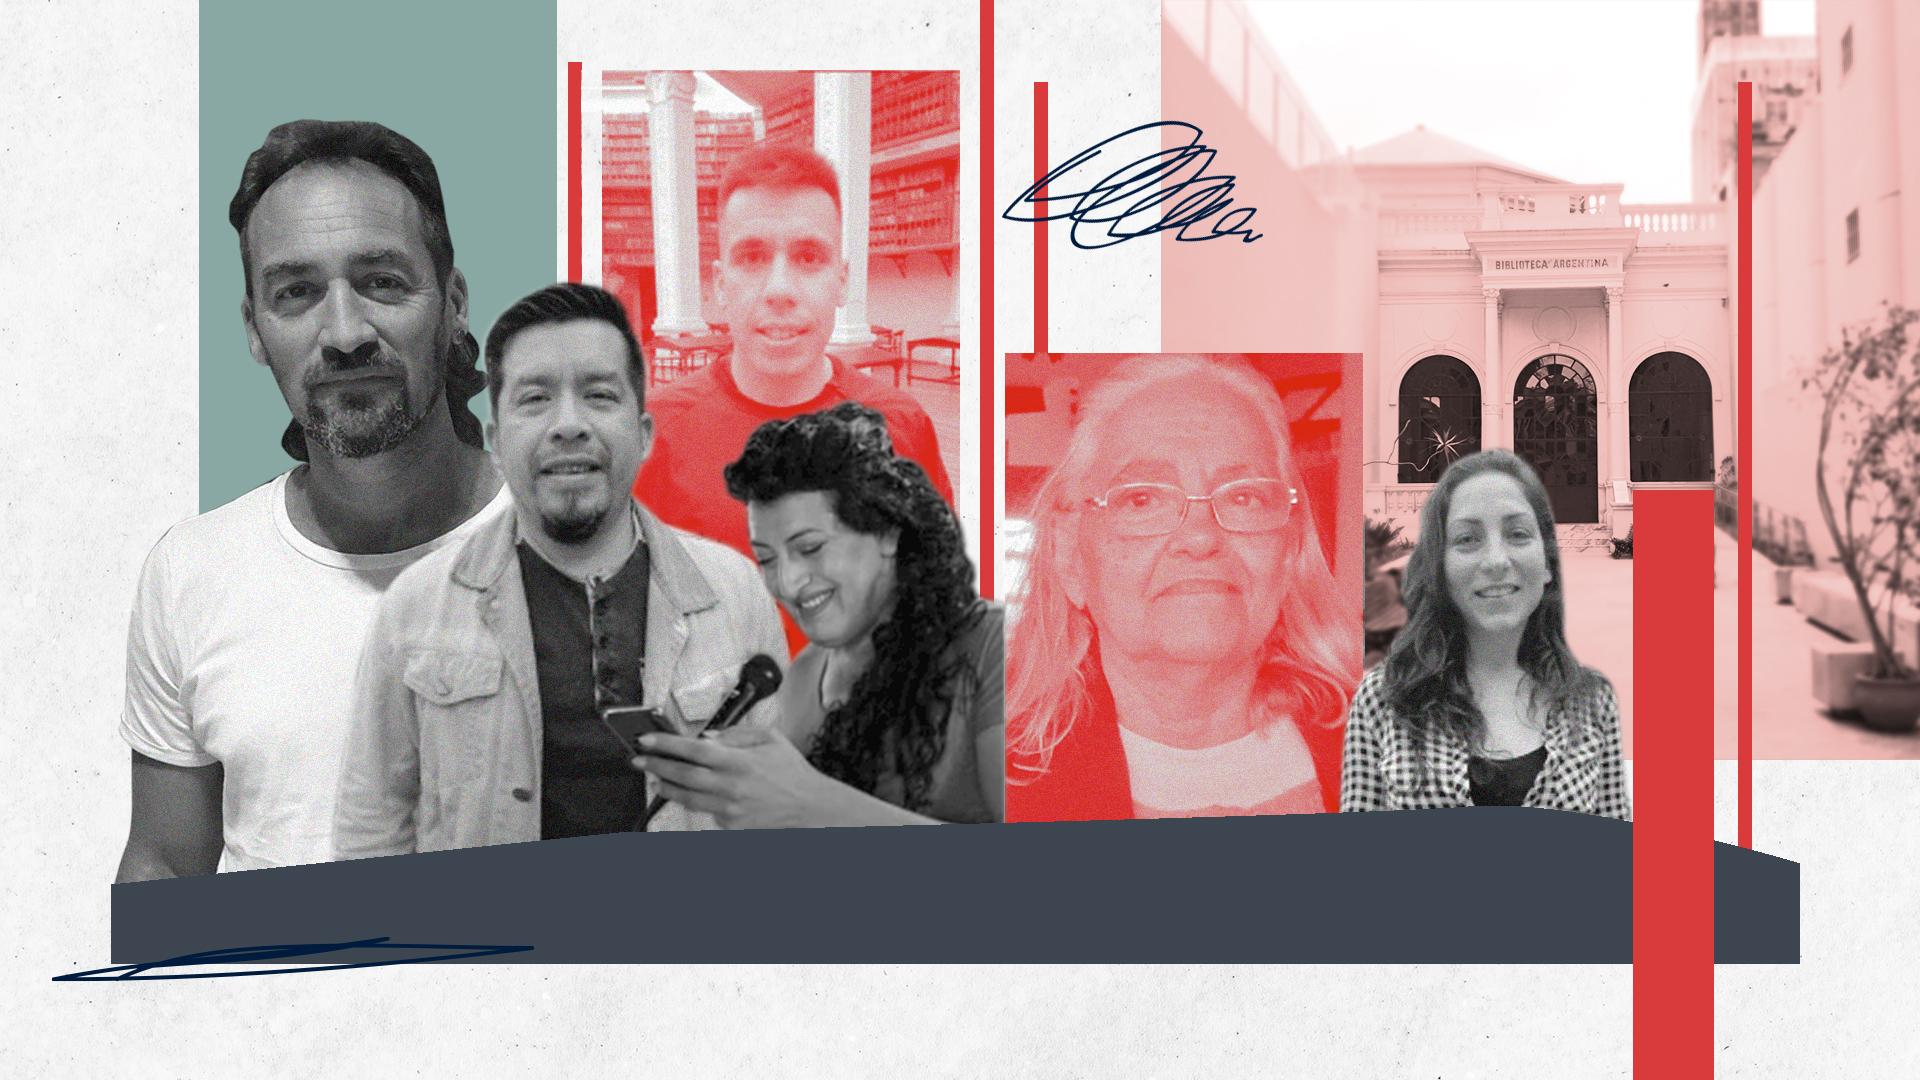 El Proyecto Biblioteca Presente busca fomentar el diálogo y derribar prejuicios mediante la narración oral de una experiencia